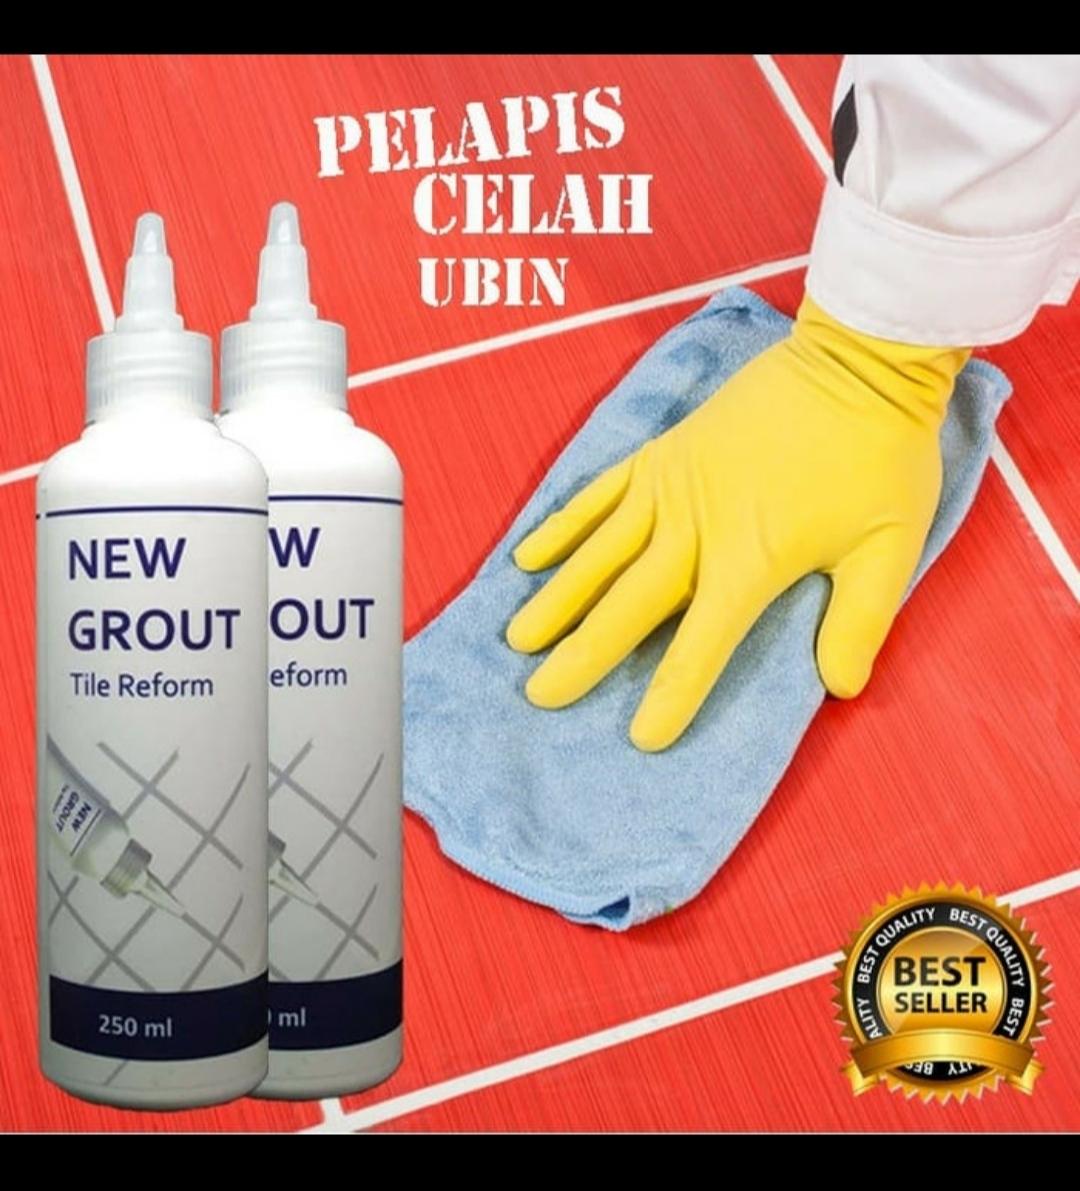 tile reform pengisi nat/celah keramik ubin new grout anti air jamur 100 ml – warna putih